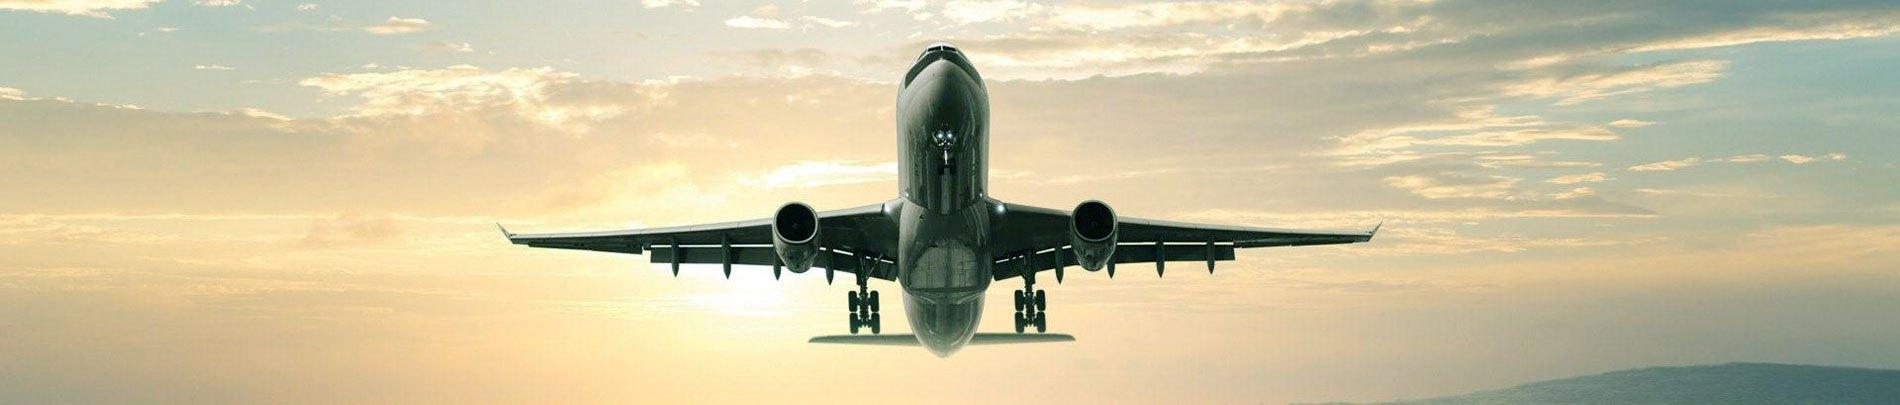 Confronto prezzi voli